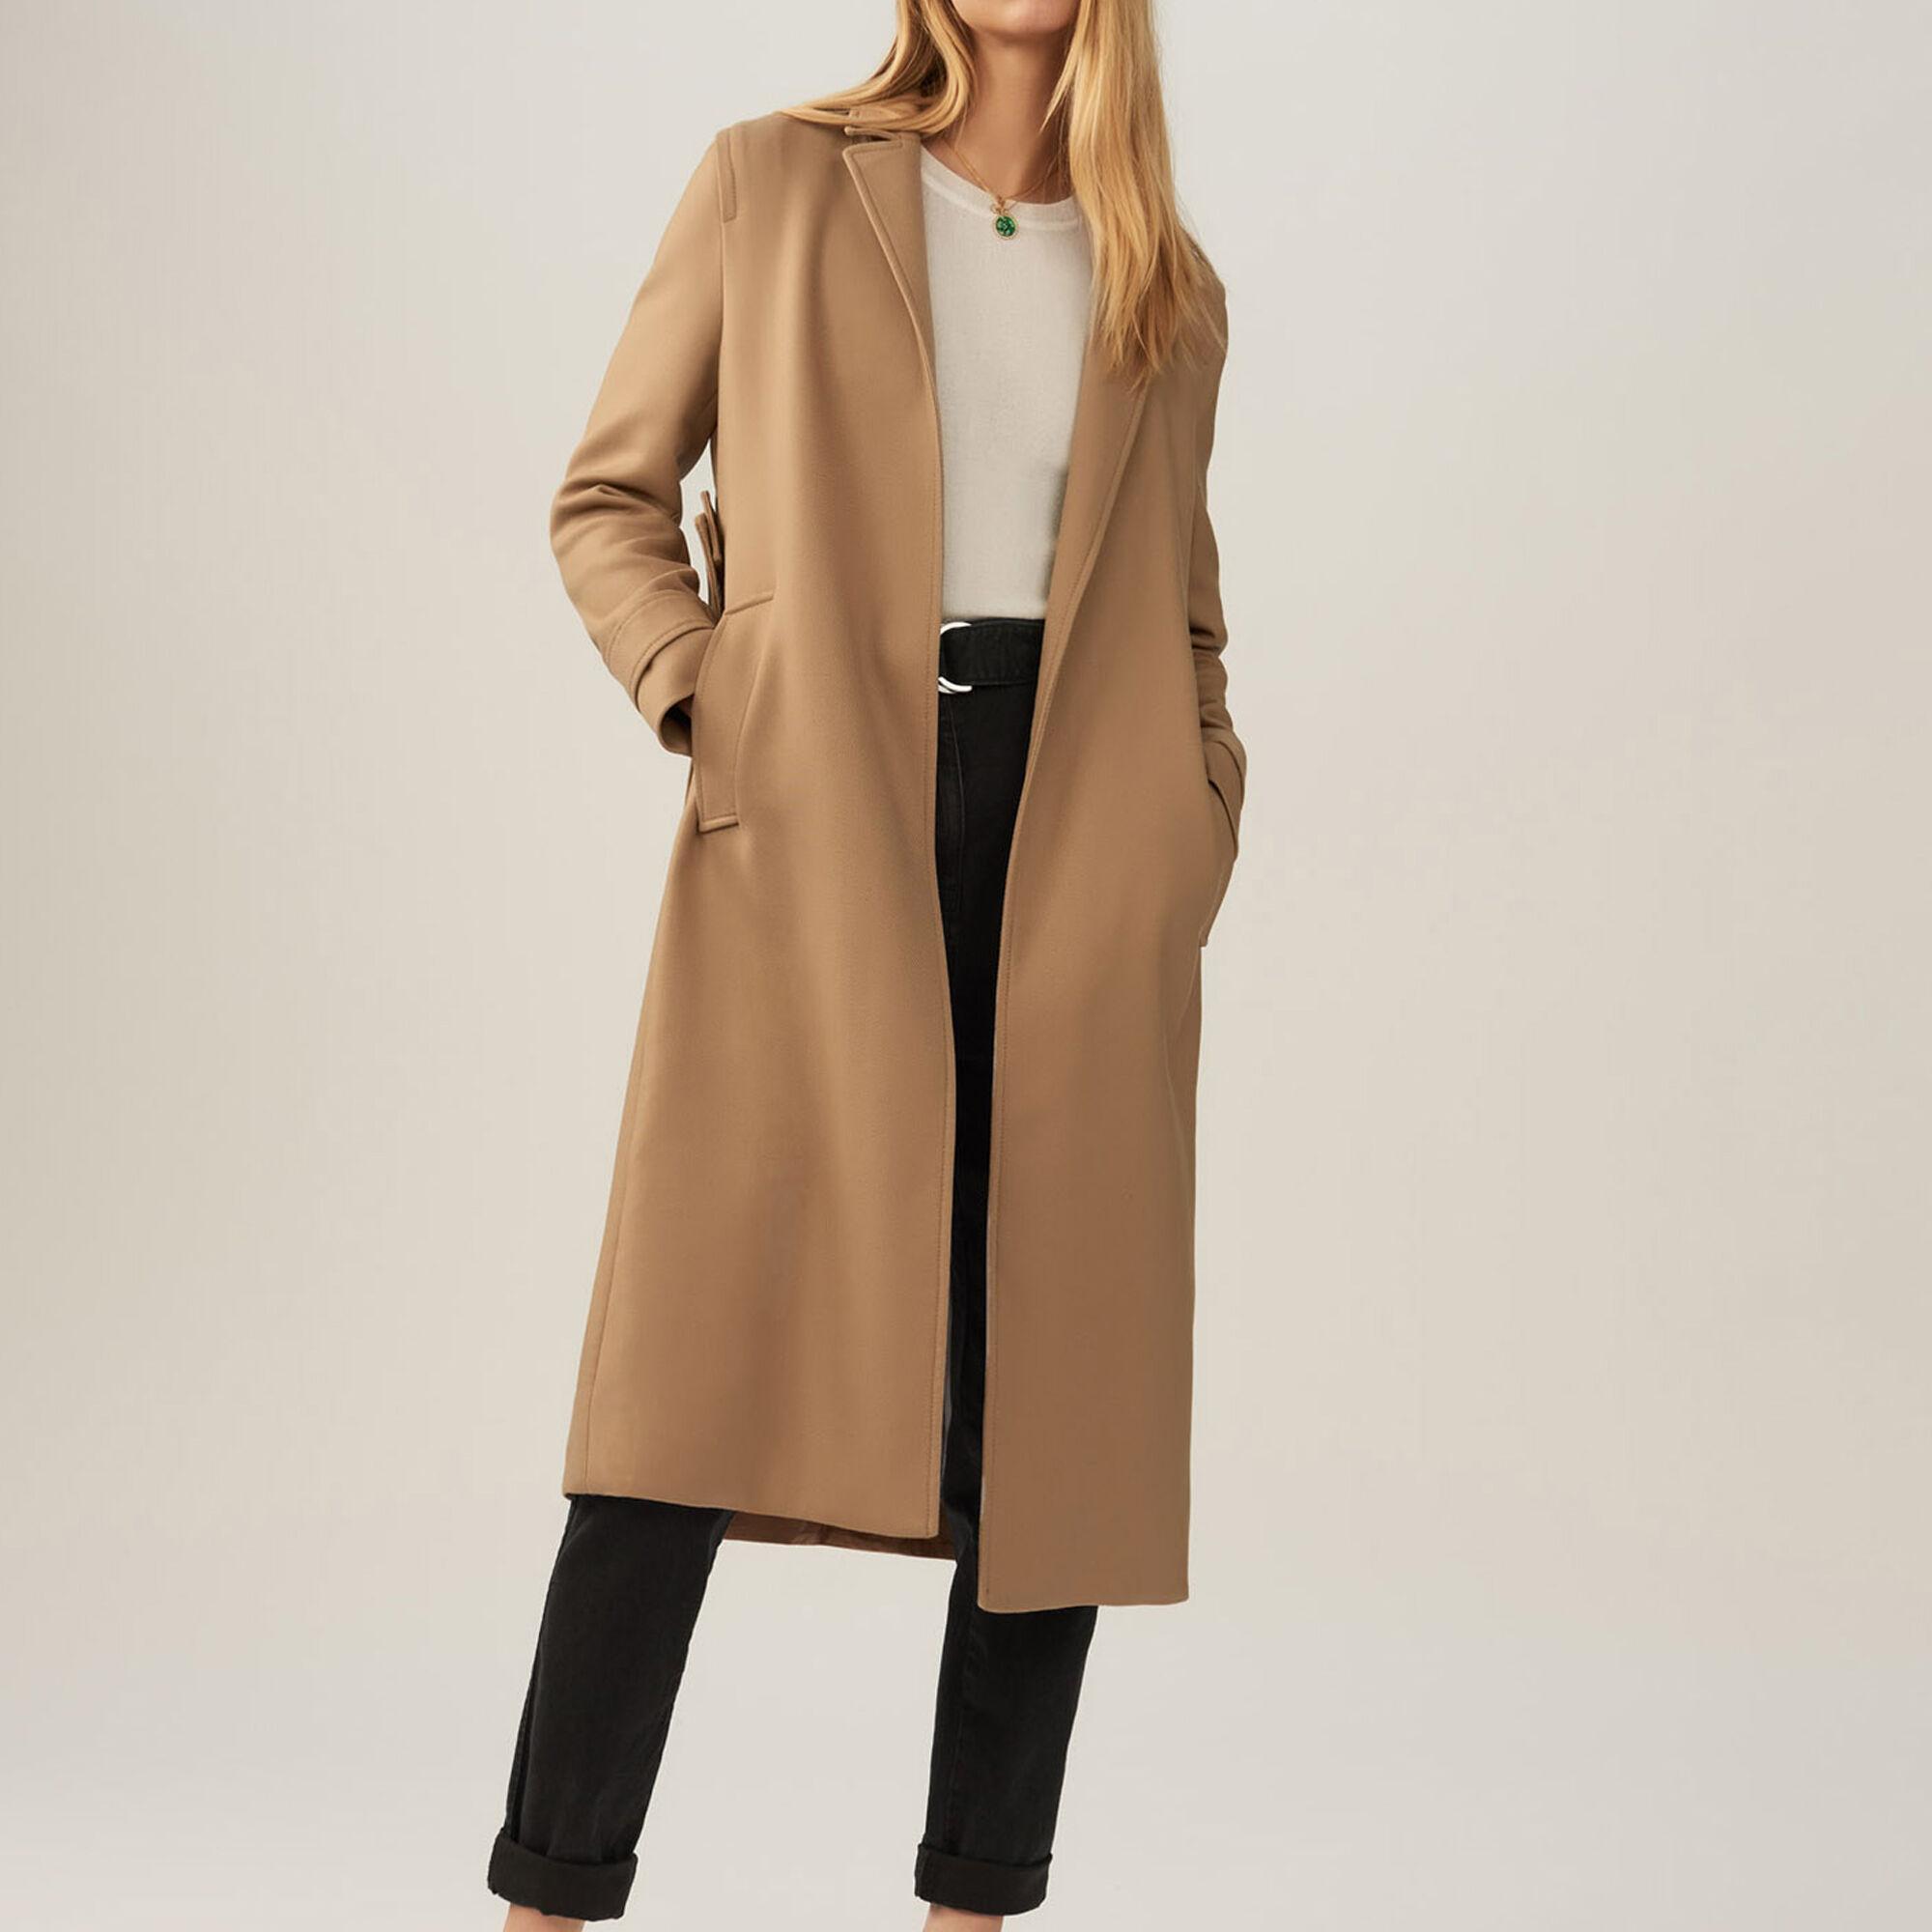 Maje manteau femme